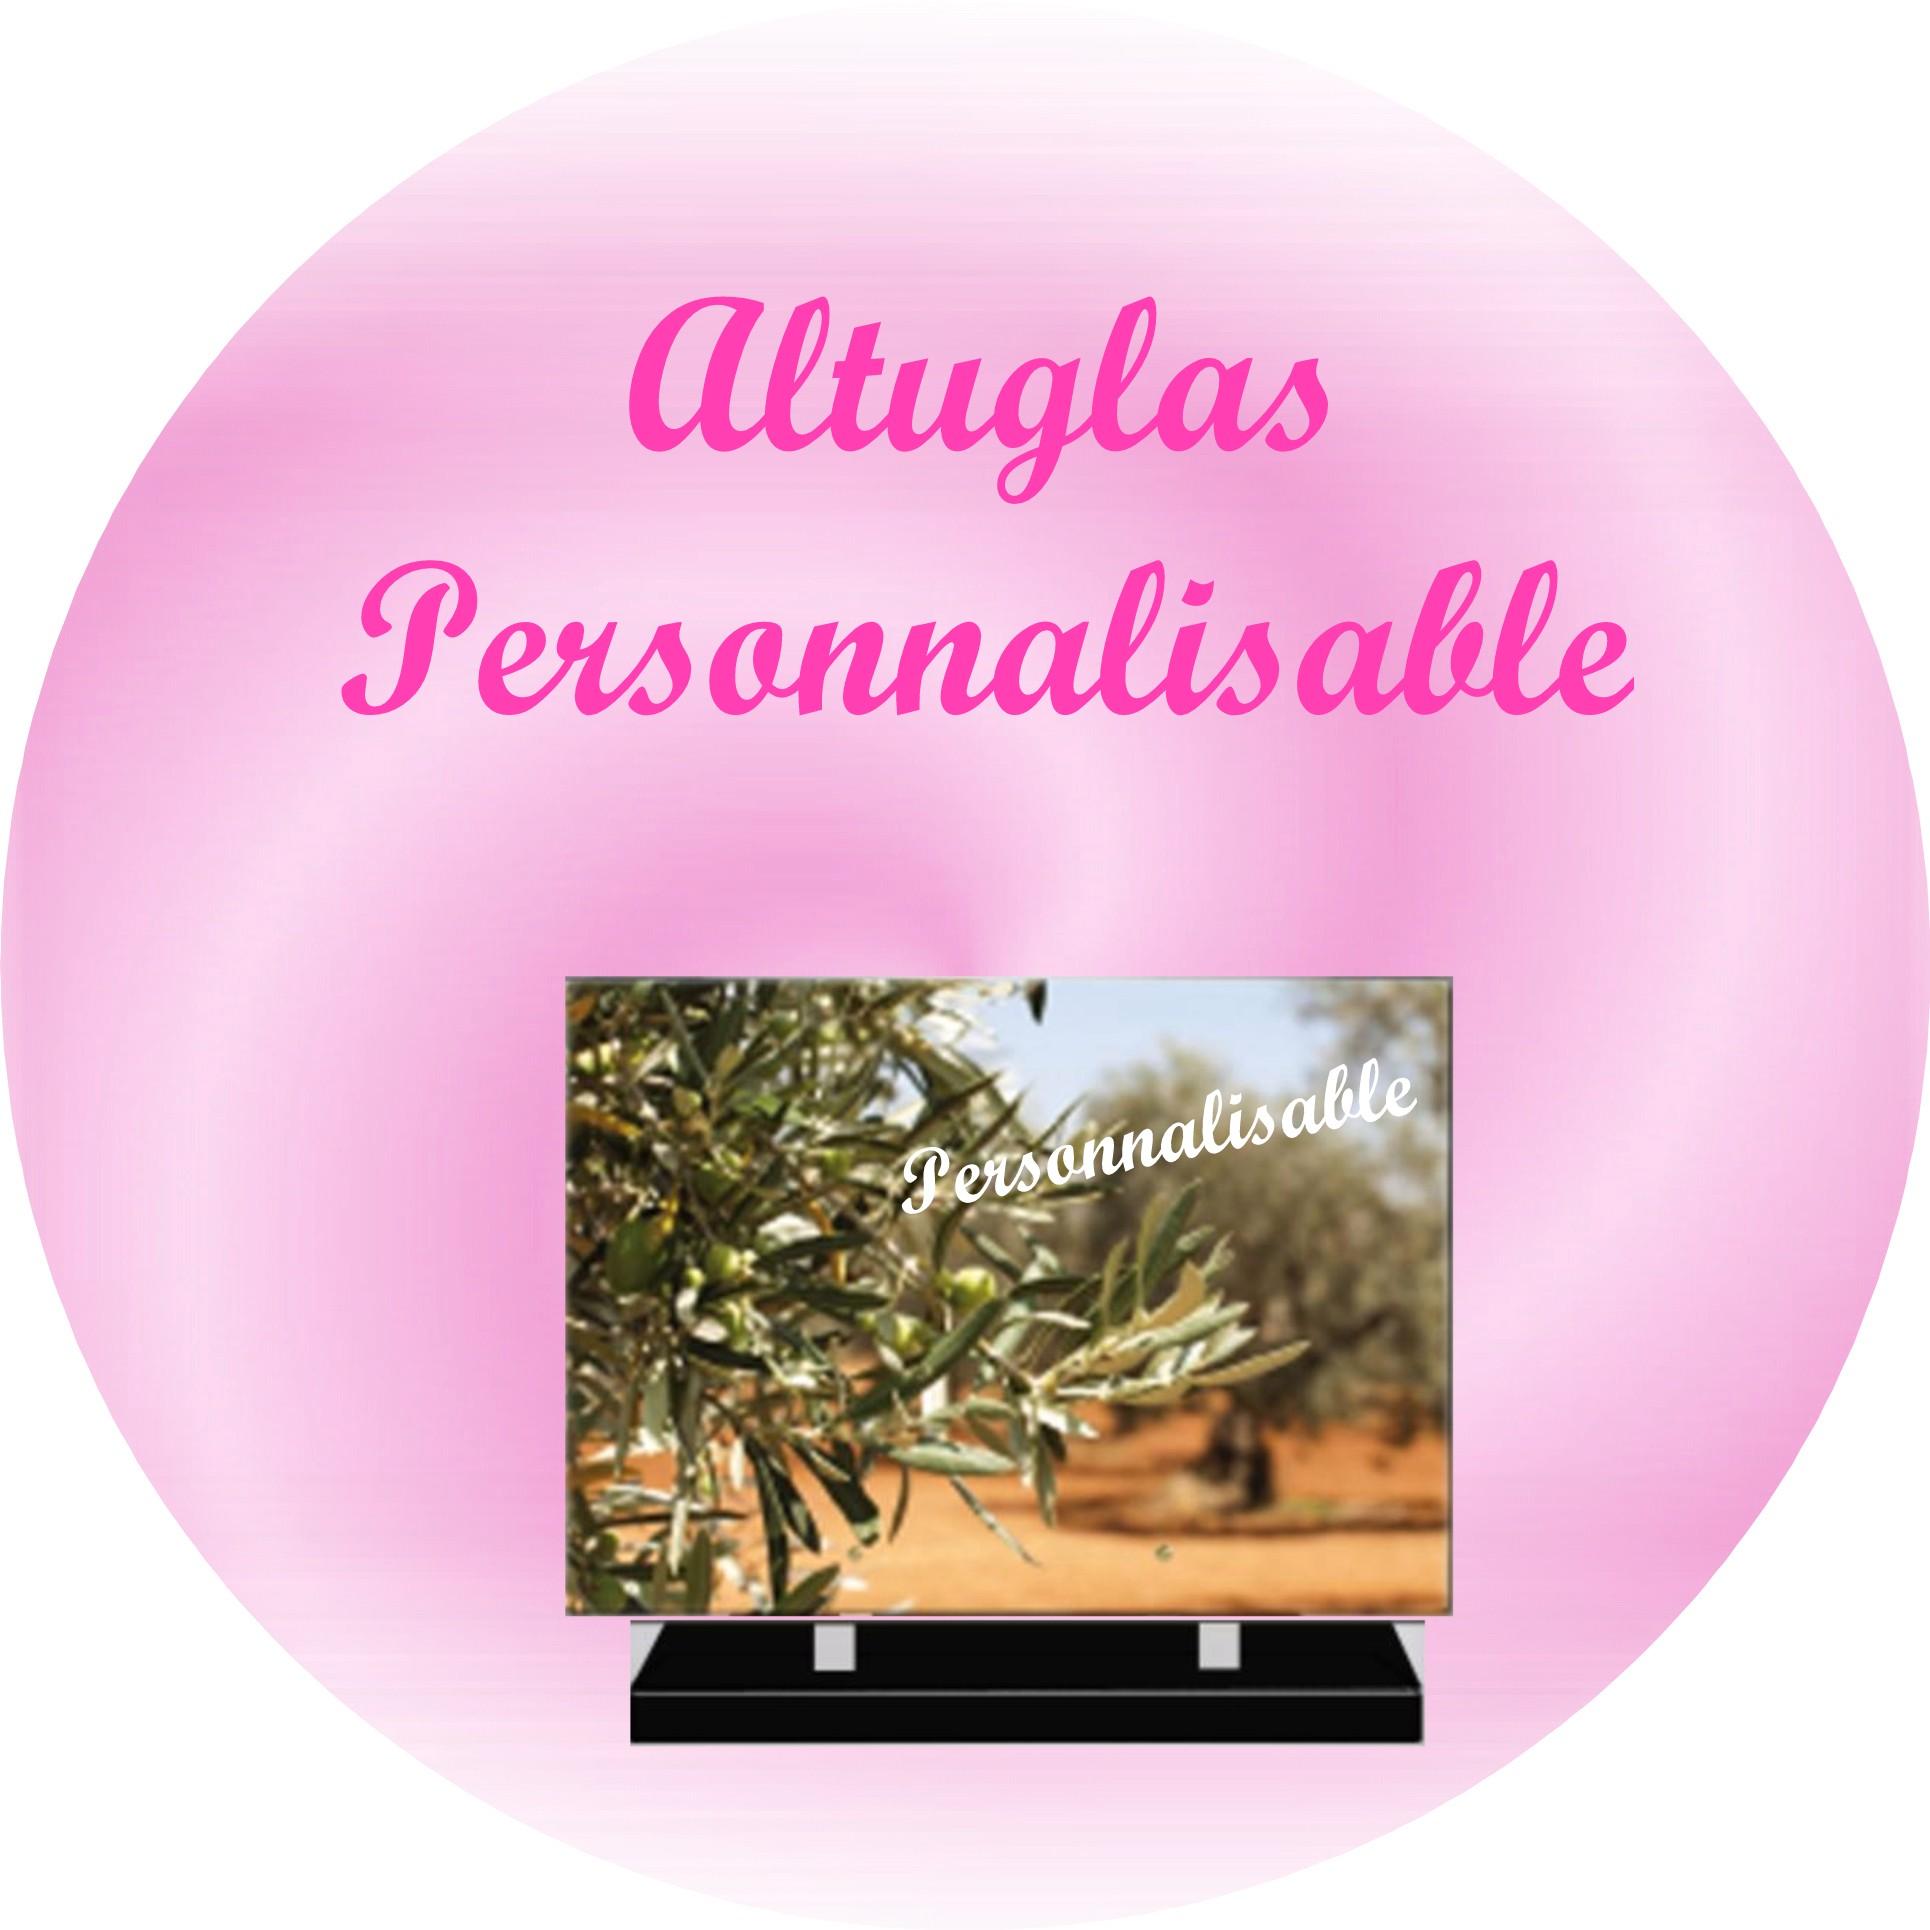 PLAQUES MODERNES ALTUGLAS PERSONNALISALES